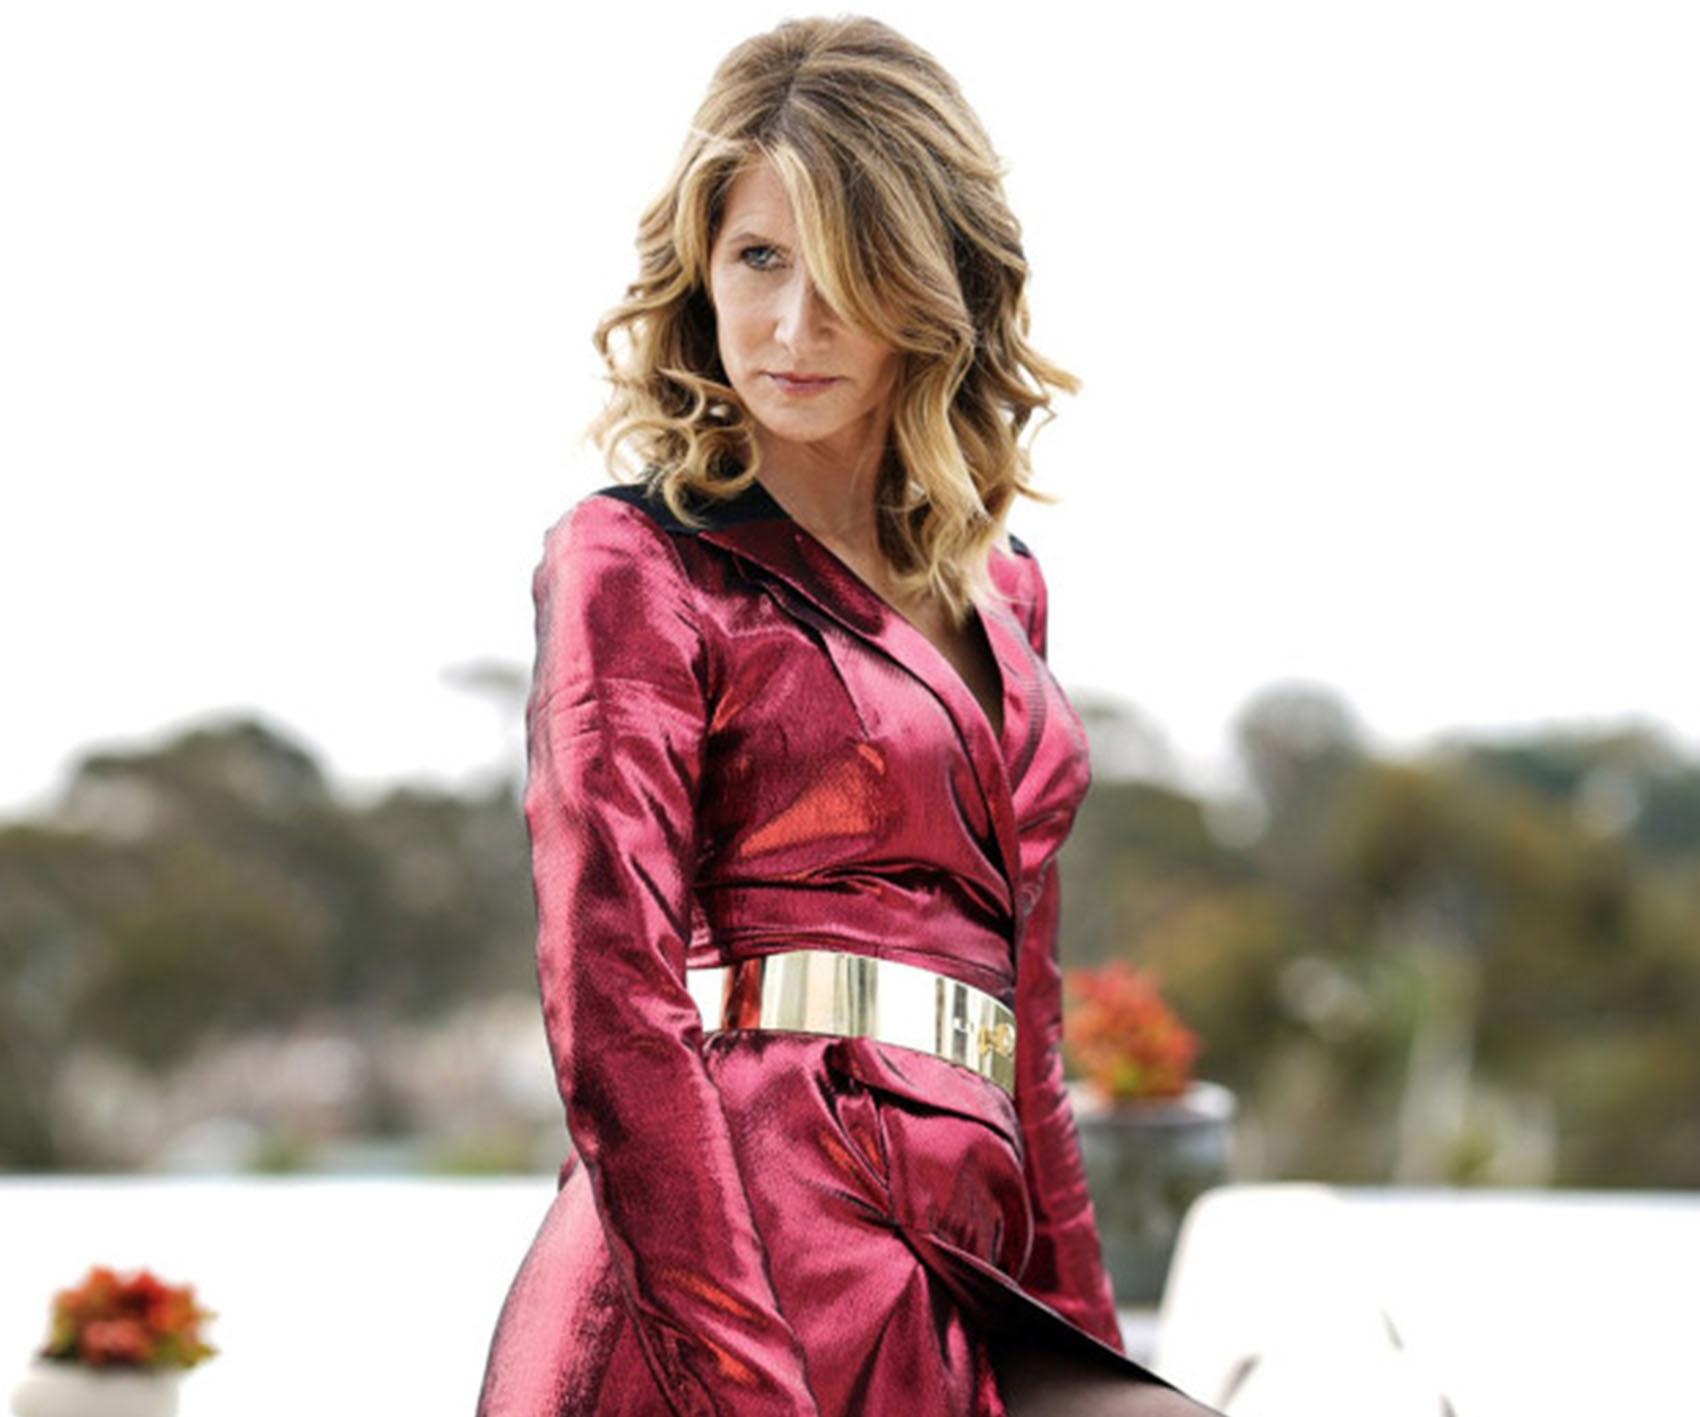 5ad7d8810b759b https://www.harpersbazaar.com.au/culture/celebrity-wedding-pants ...